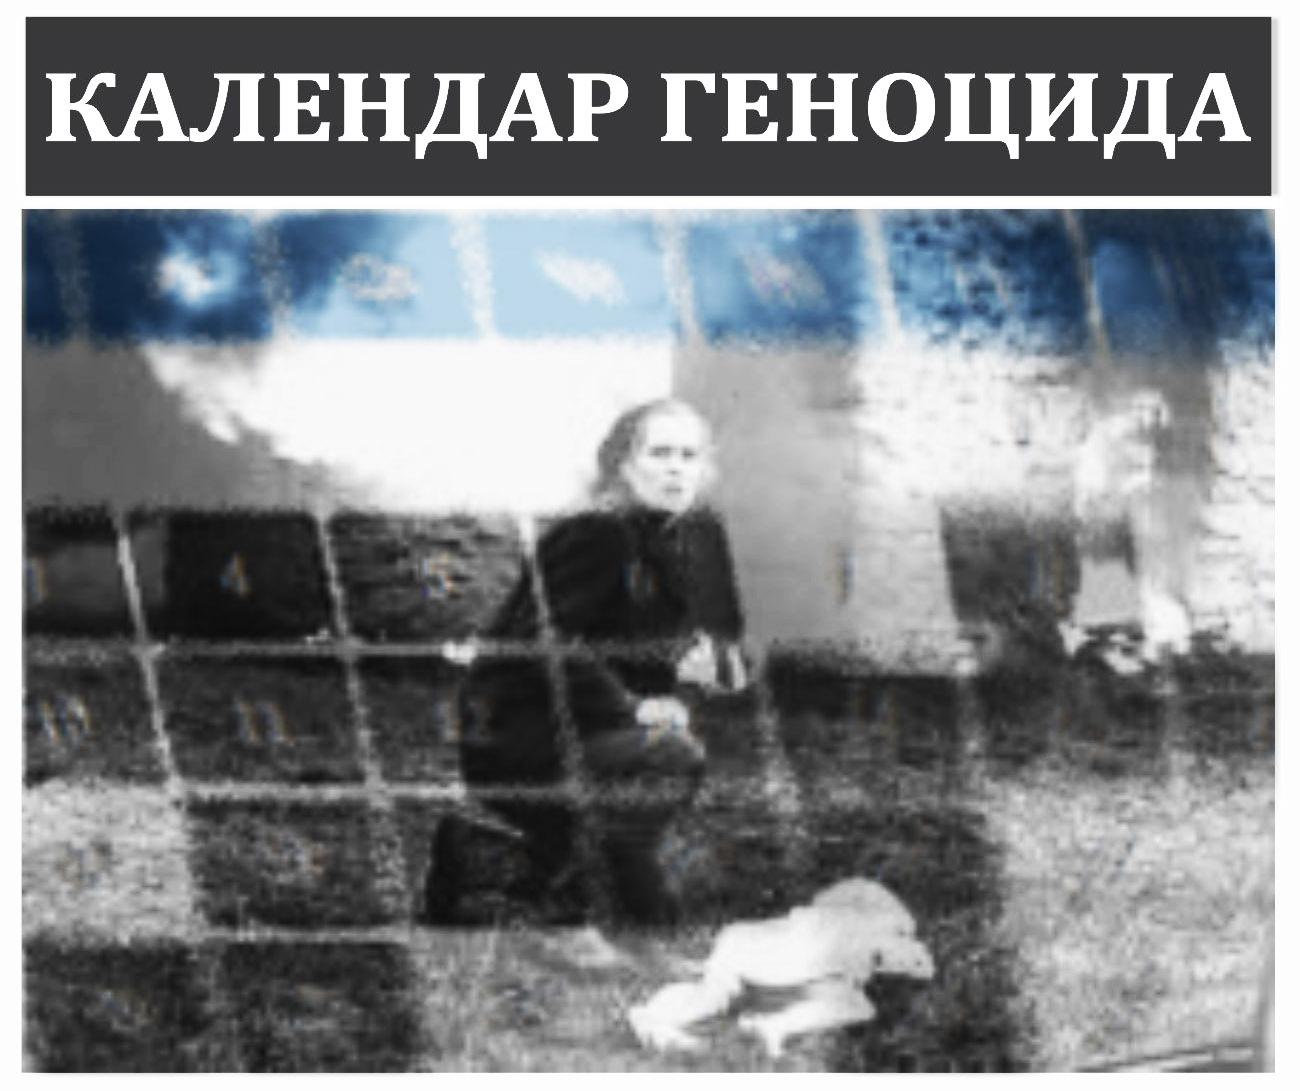 https://jadovno.com/tl_files/ug_jadovno/img/preporucujemo/2014/kalendar-genocida.jpg